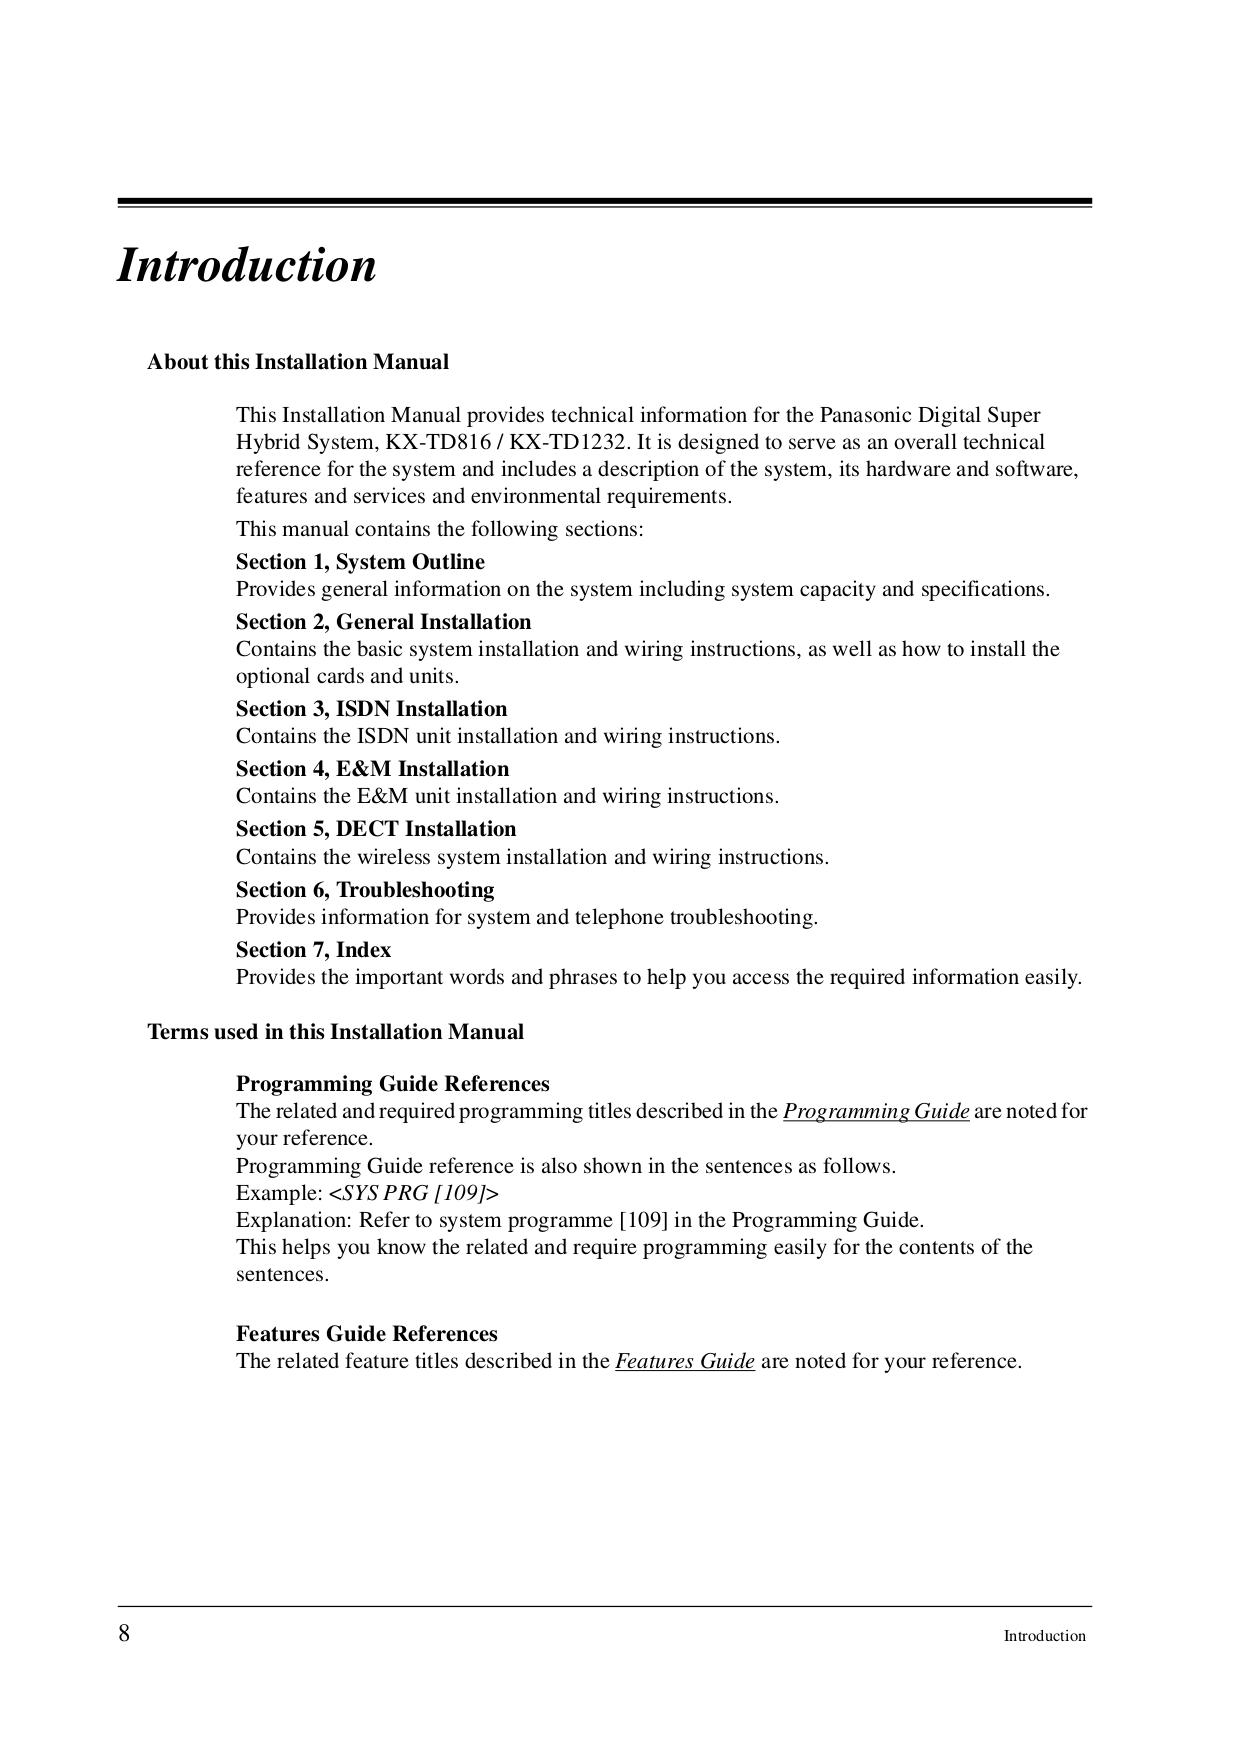 PDF manual for Panasonic Fax Machine KX-F320